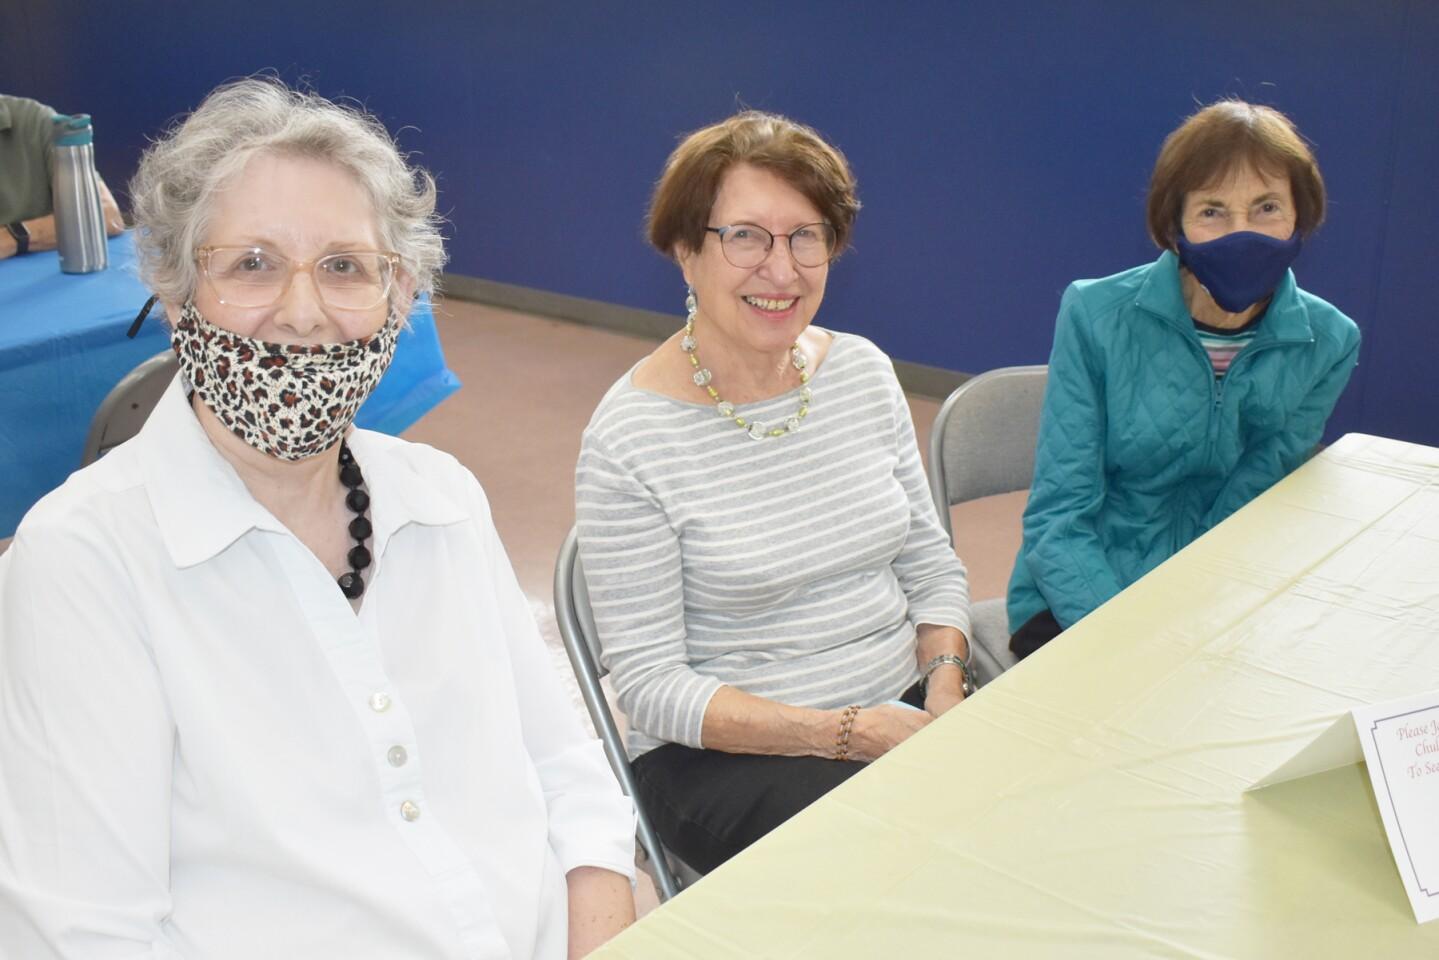 Patti Spence, Rhoda Lavine and Gloria Lave.